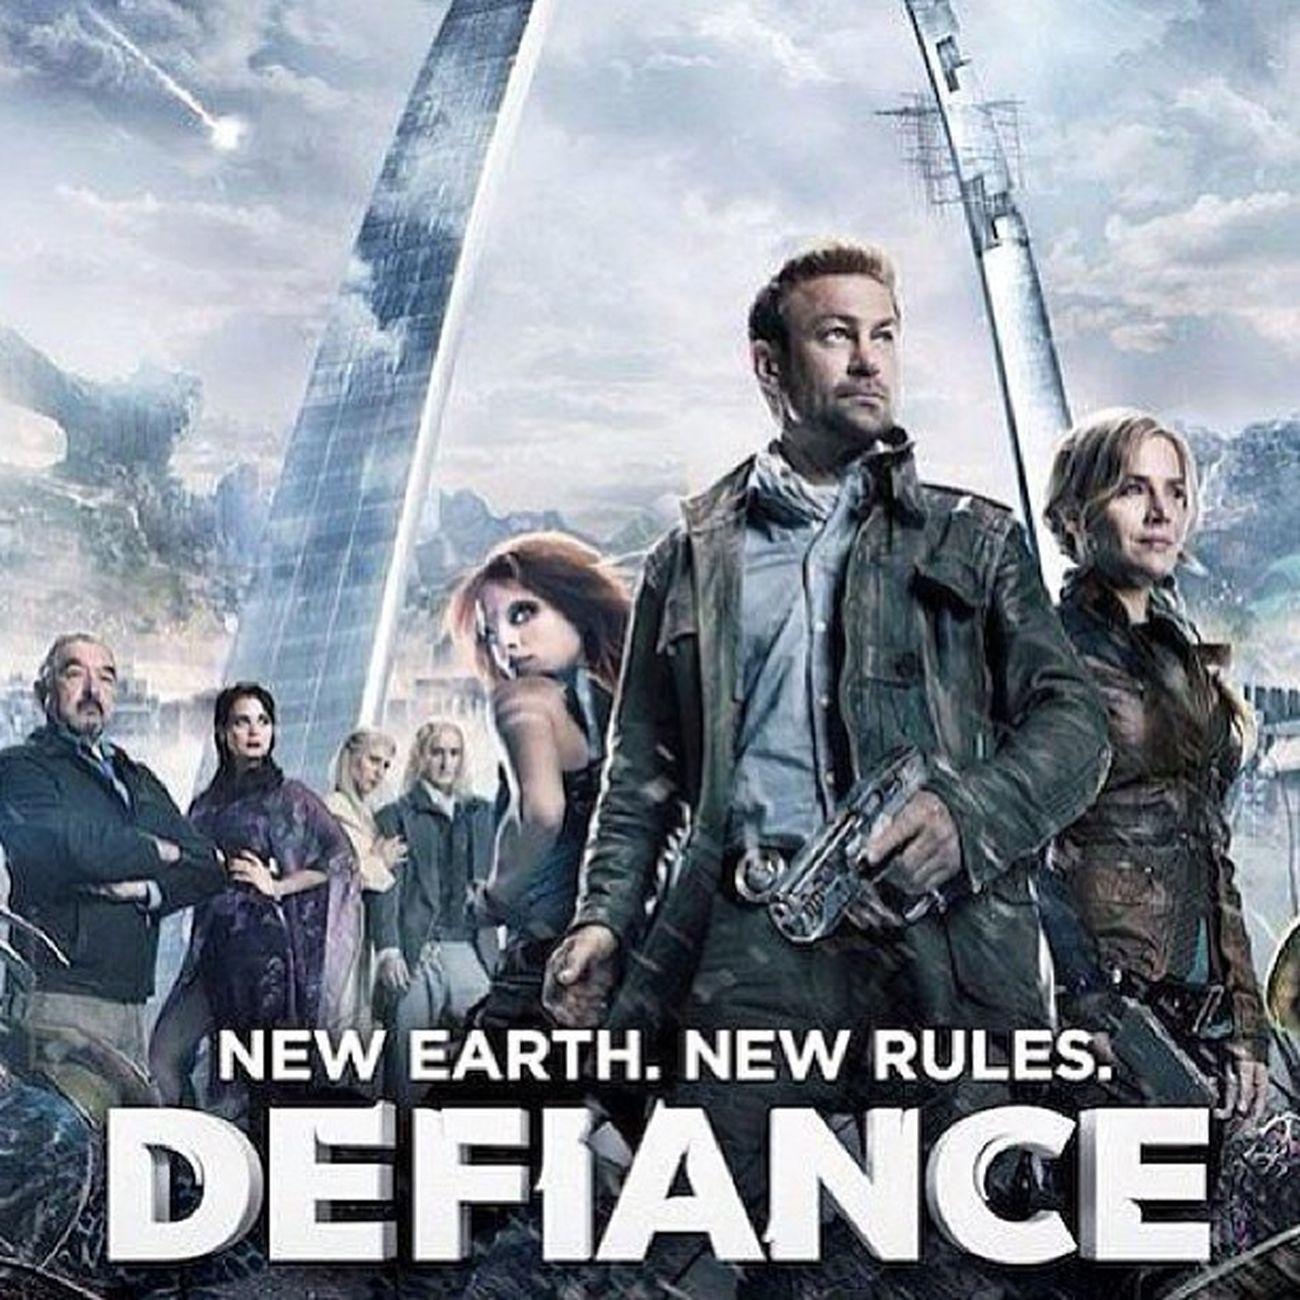 Defiance déjà Fan !